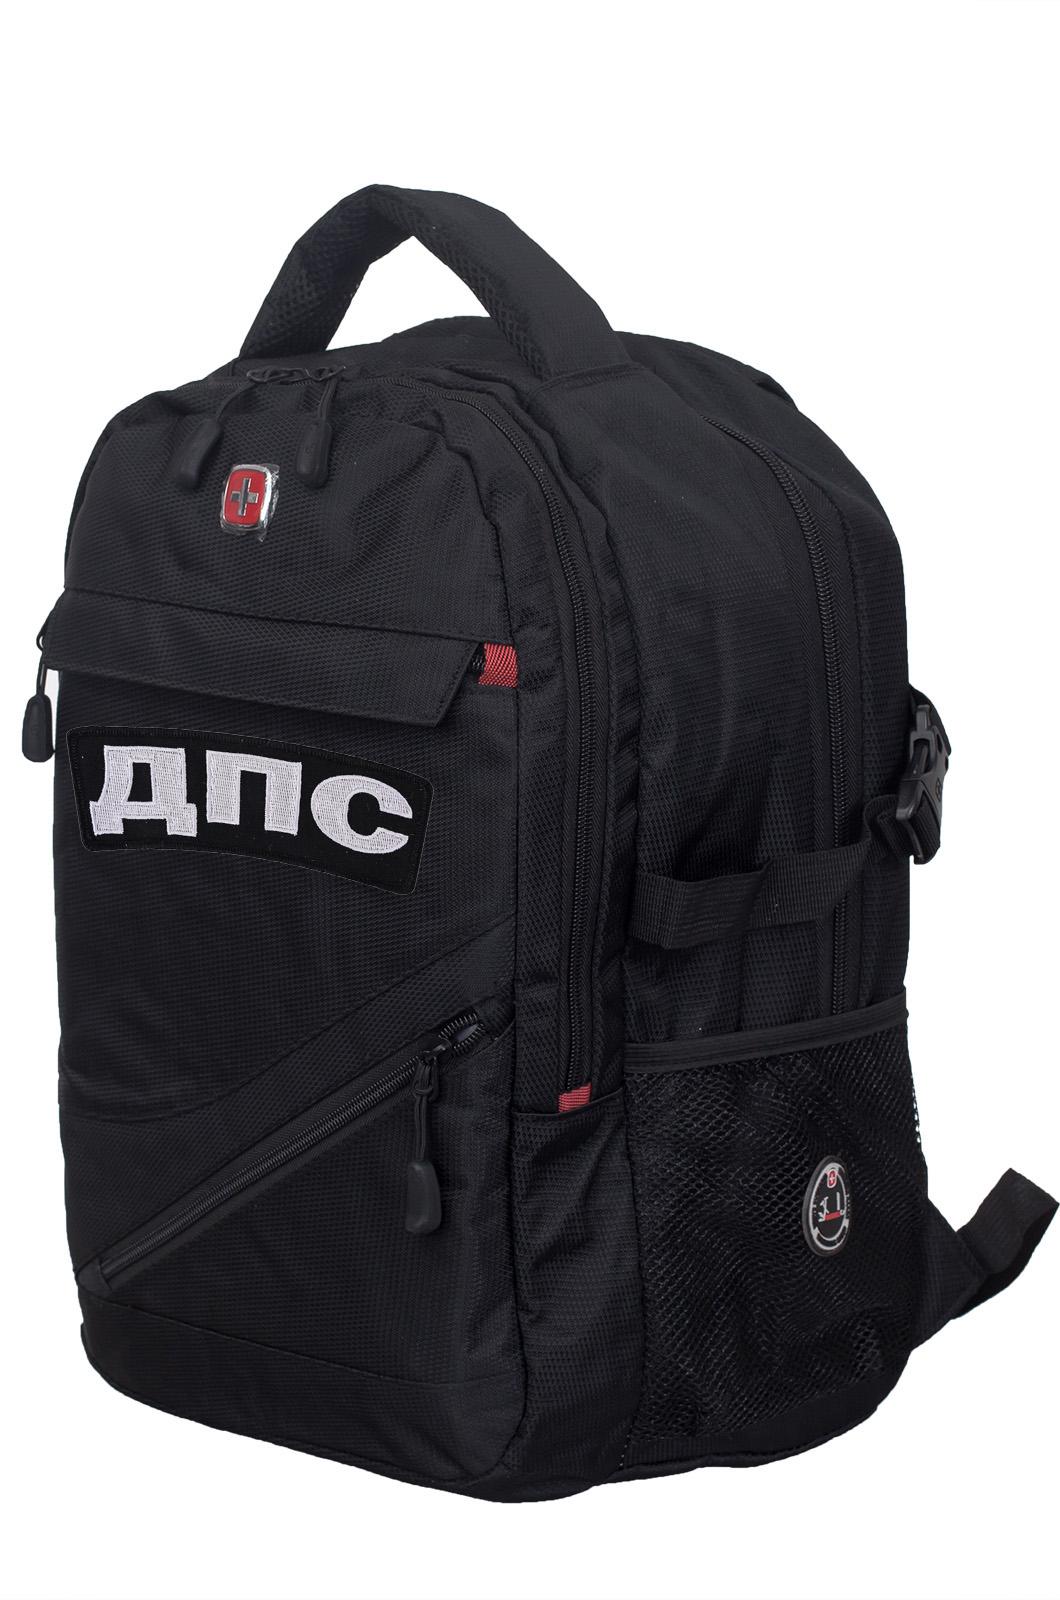 Городской черный ранец-рюкзак ДПС - заказать выгодно